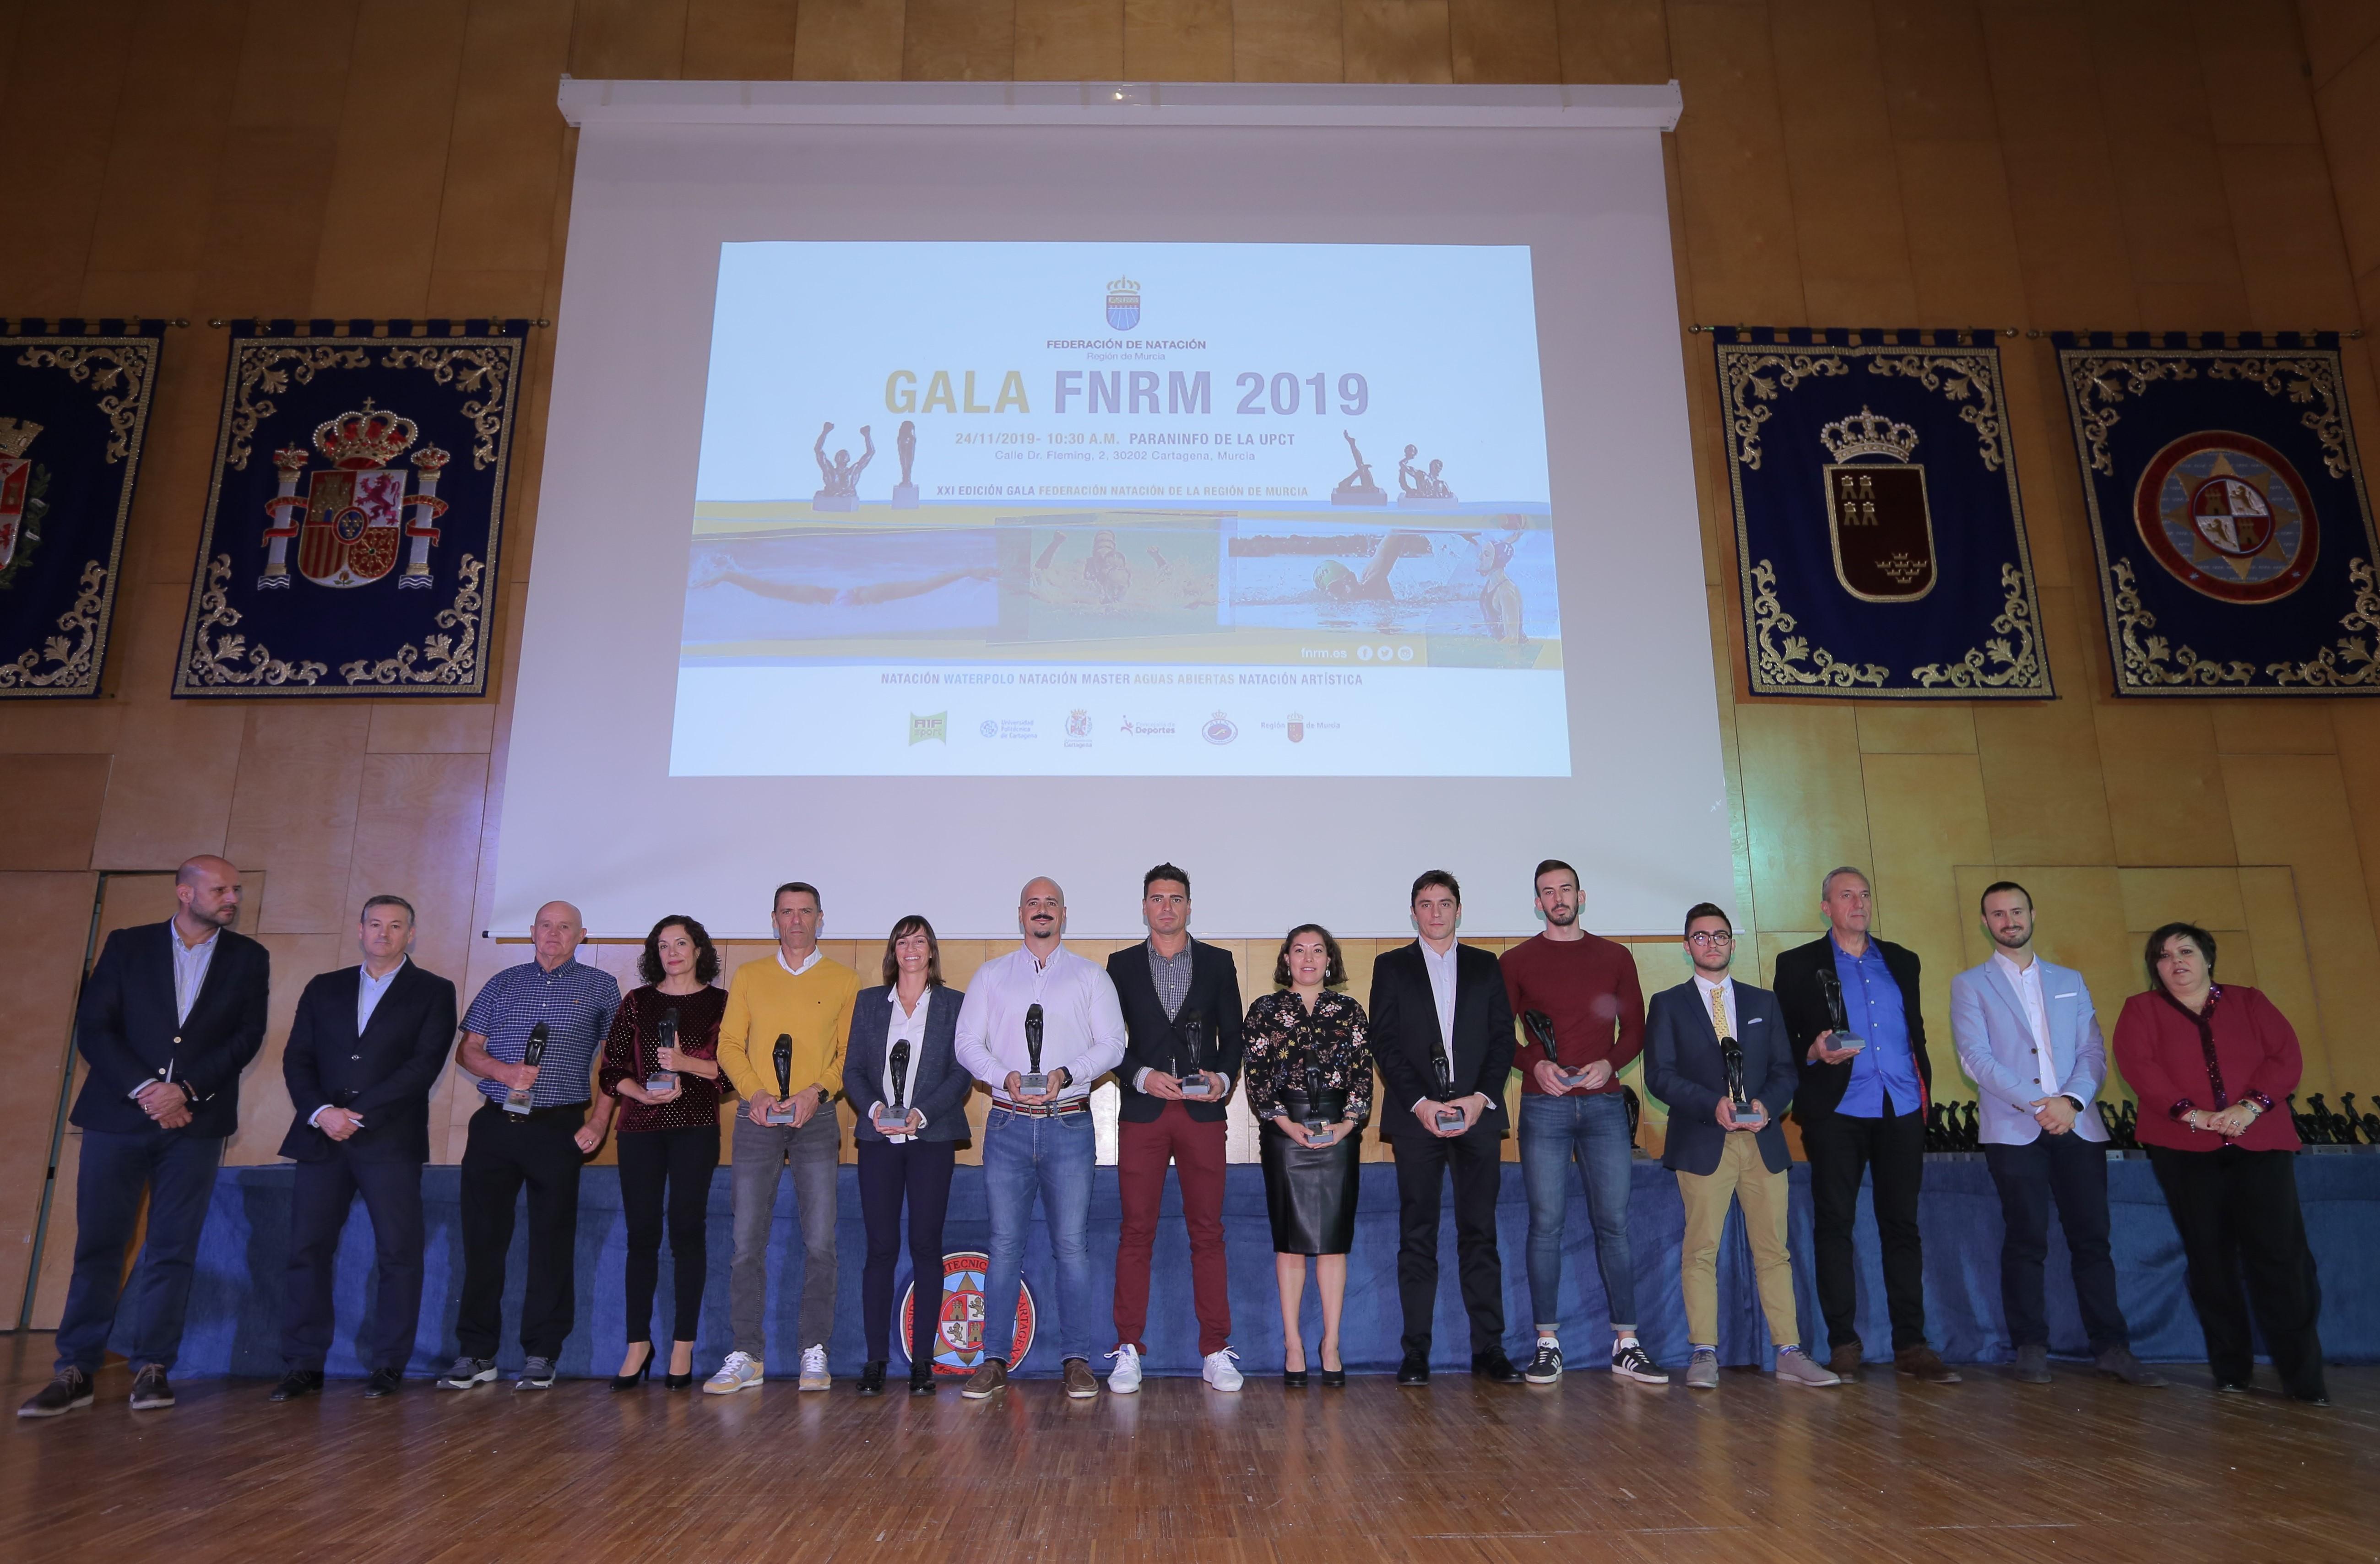 GALA FNRM 2019 (74)